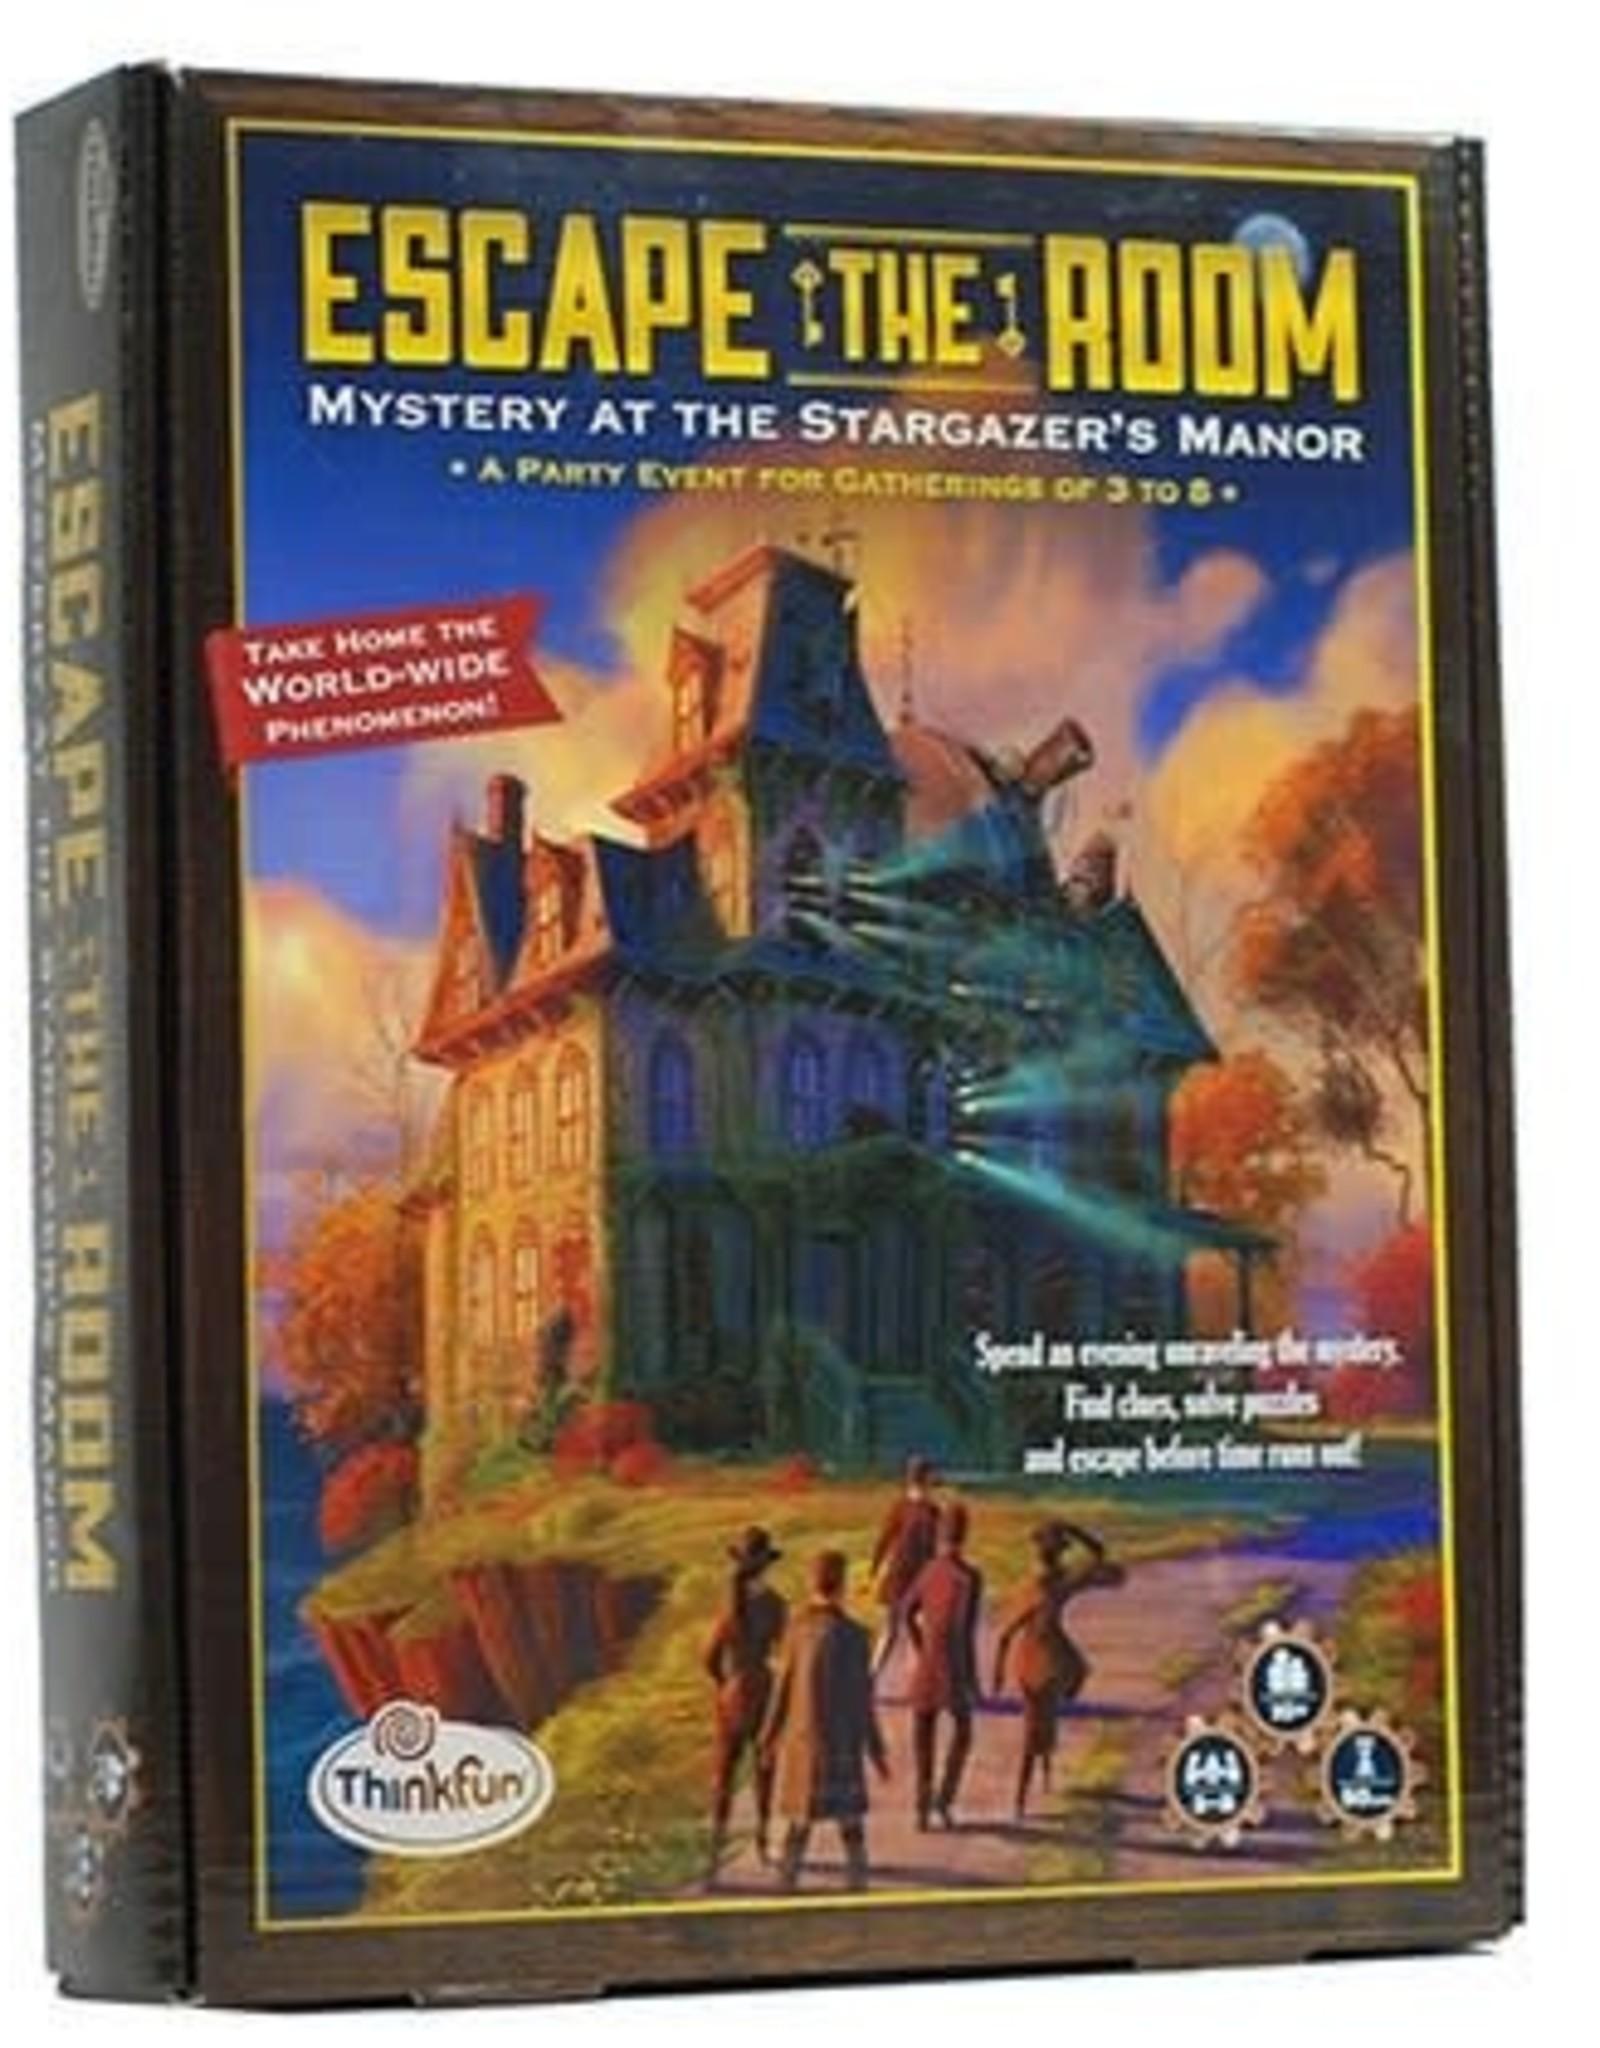 ThinkFun Escape Room Mystery at Stargazer's